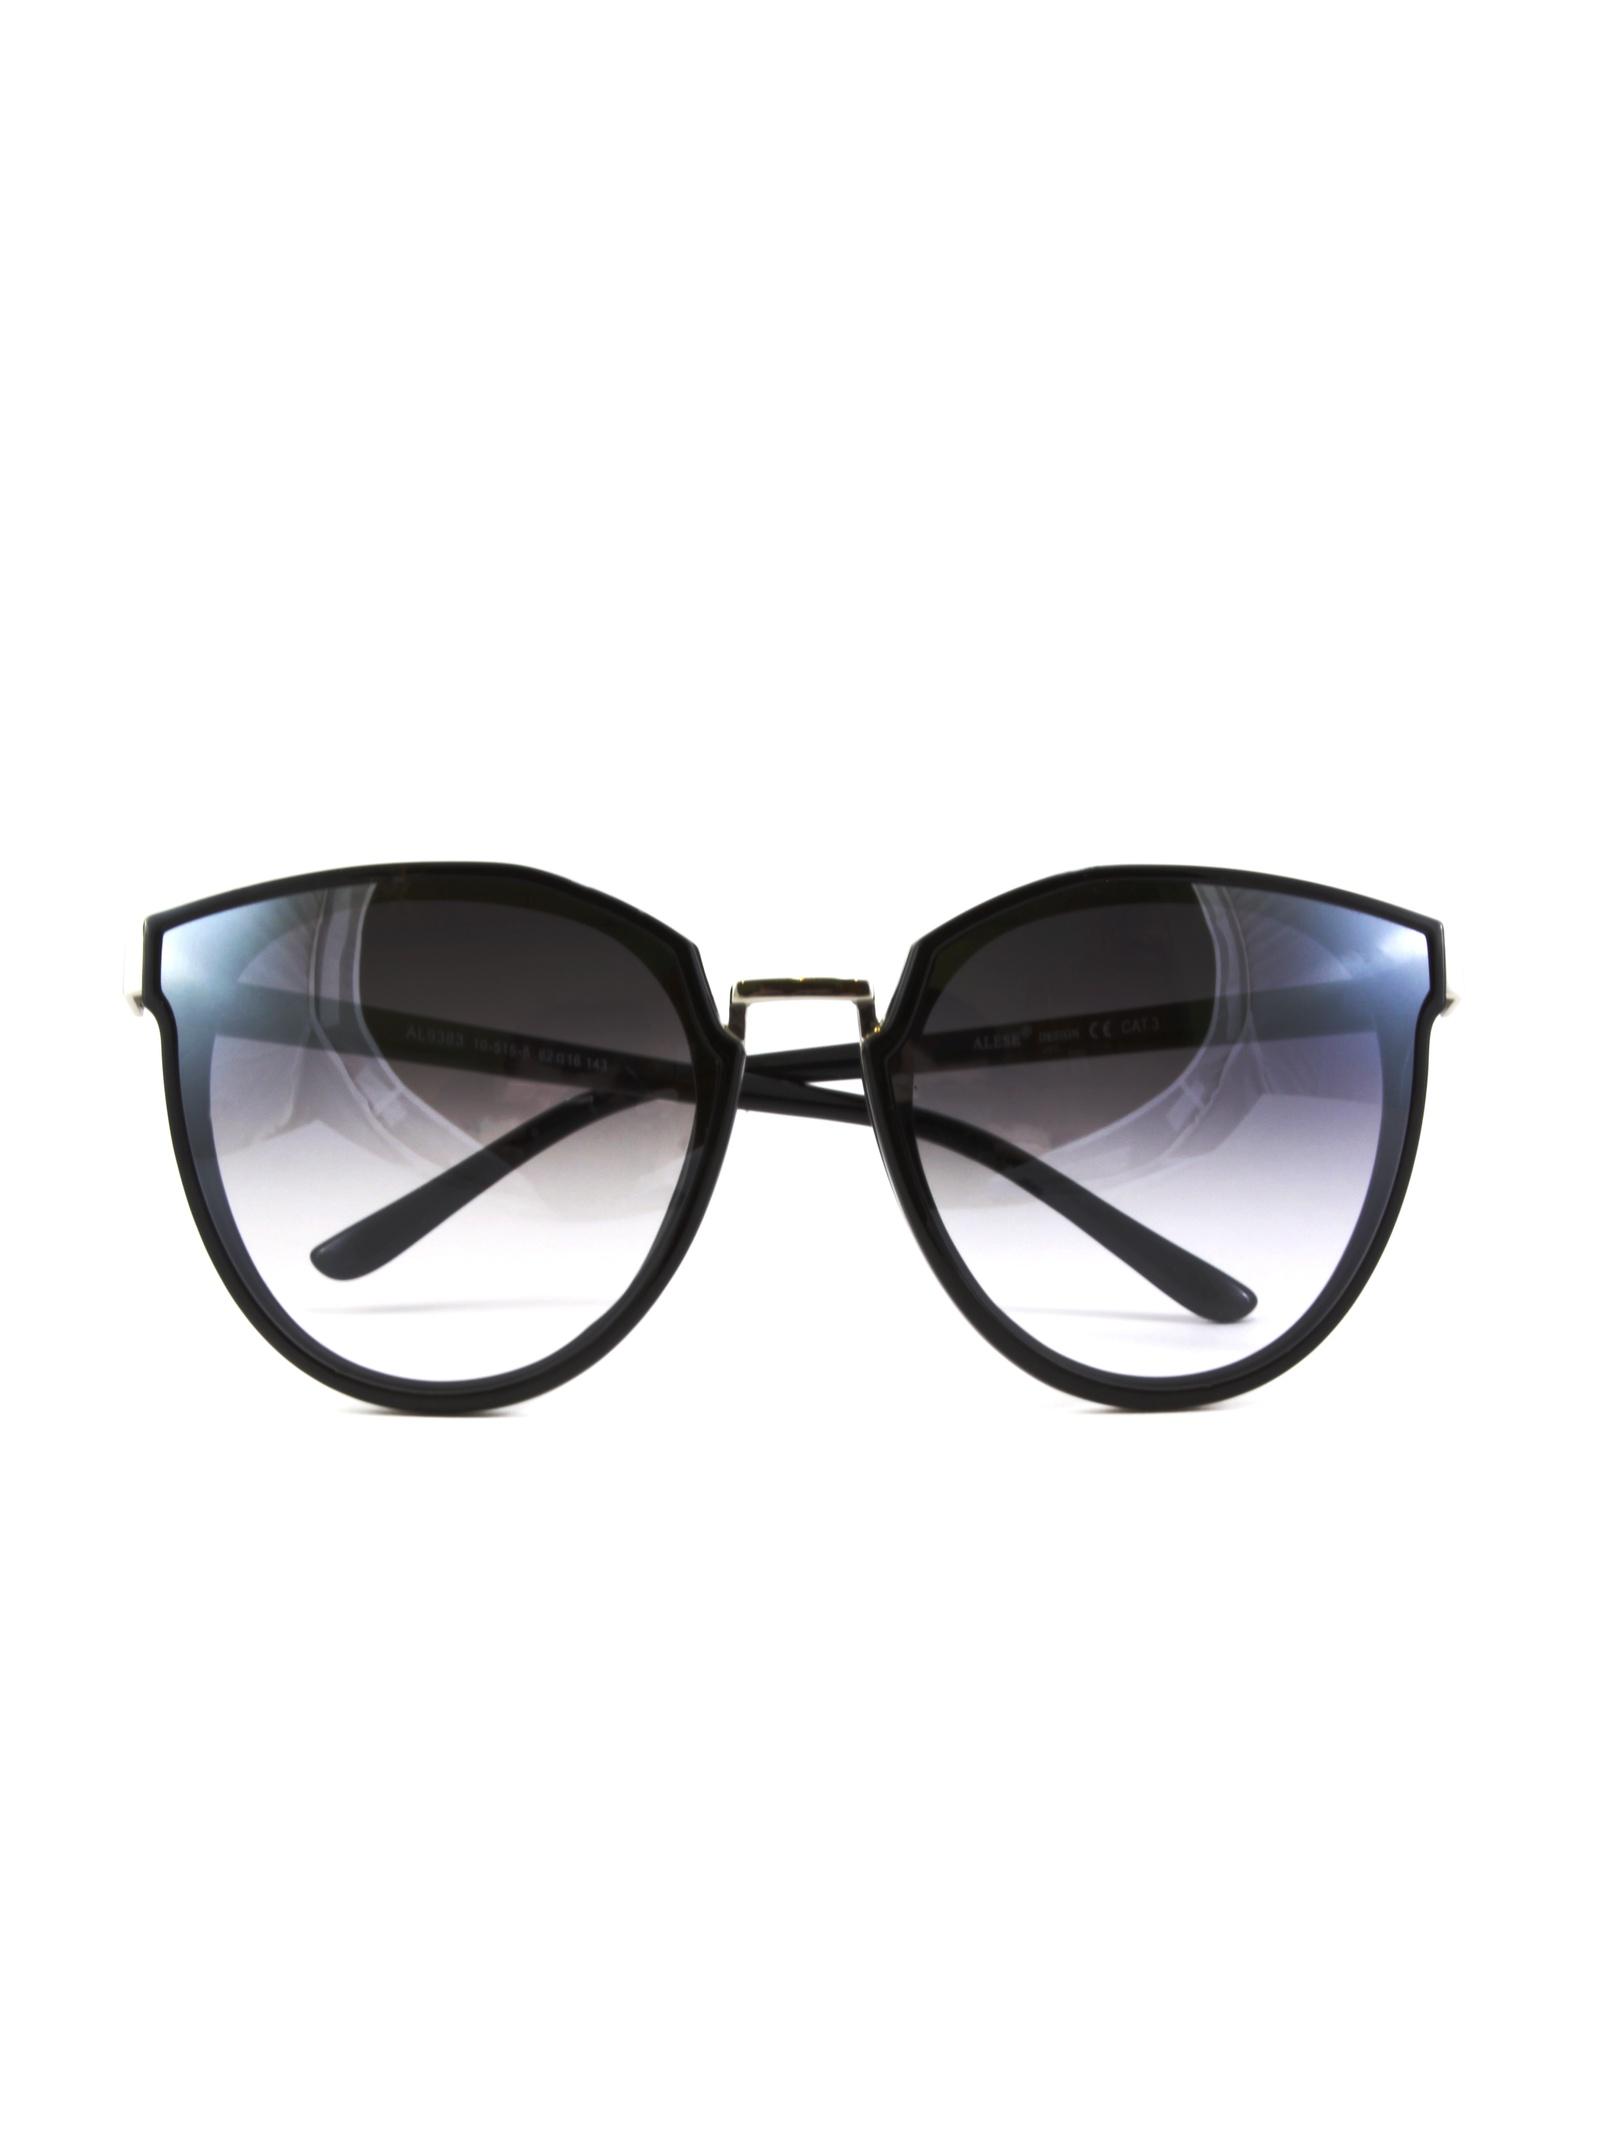 Очки солнцезащитные Alese AL9383/10-515-5AL9383/10-515-5Солнцезащитные очки ALESE – это стильный и практичный аксессуар. Созданные из прочных, современных материалов, изделия этой фирмы отличаются надежностью и стойкостью к износу.